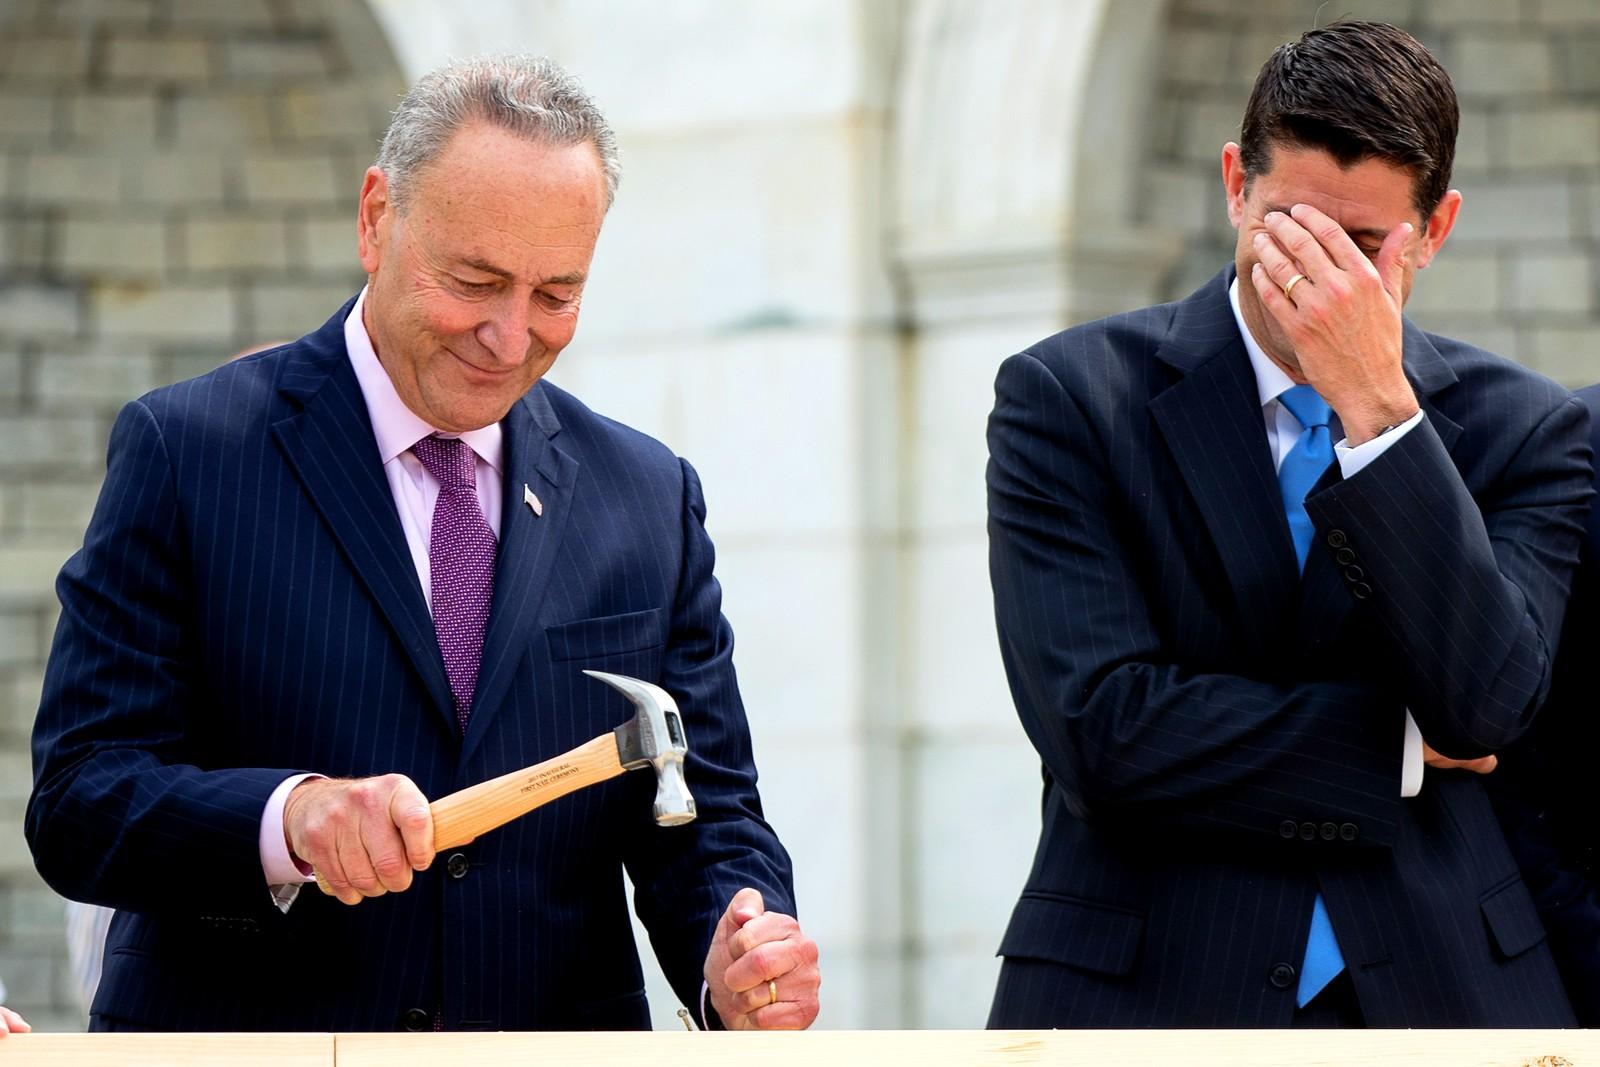 Leder av Representantenes hus, Paul Ryan til høyre, klarer ikke å unngå å le. Senator Charles Schumer bøyer nemlig spikeren. Det var meningen at denne første spikeren skulle være starten på byggingen av plattformen der den neste presidenten skal innsettes i 2017. Bildet er tatt i Washington i USA.